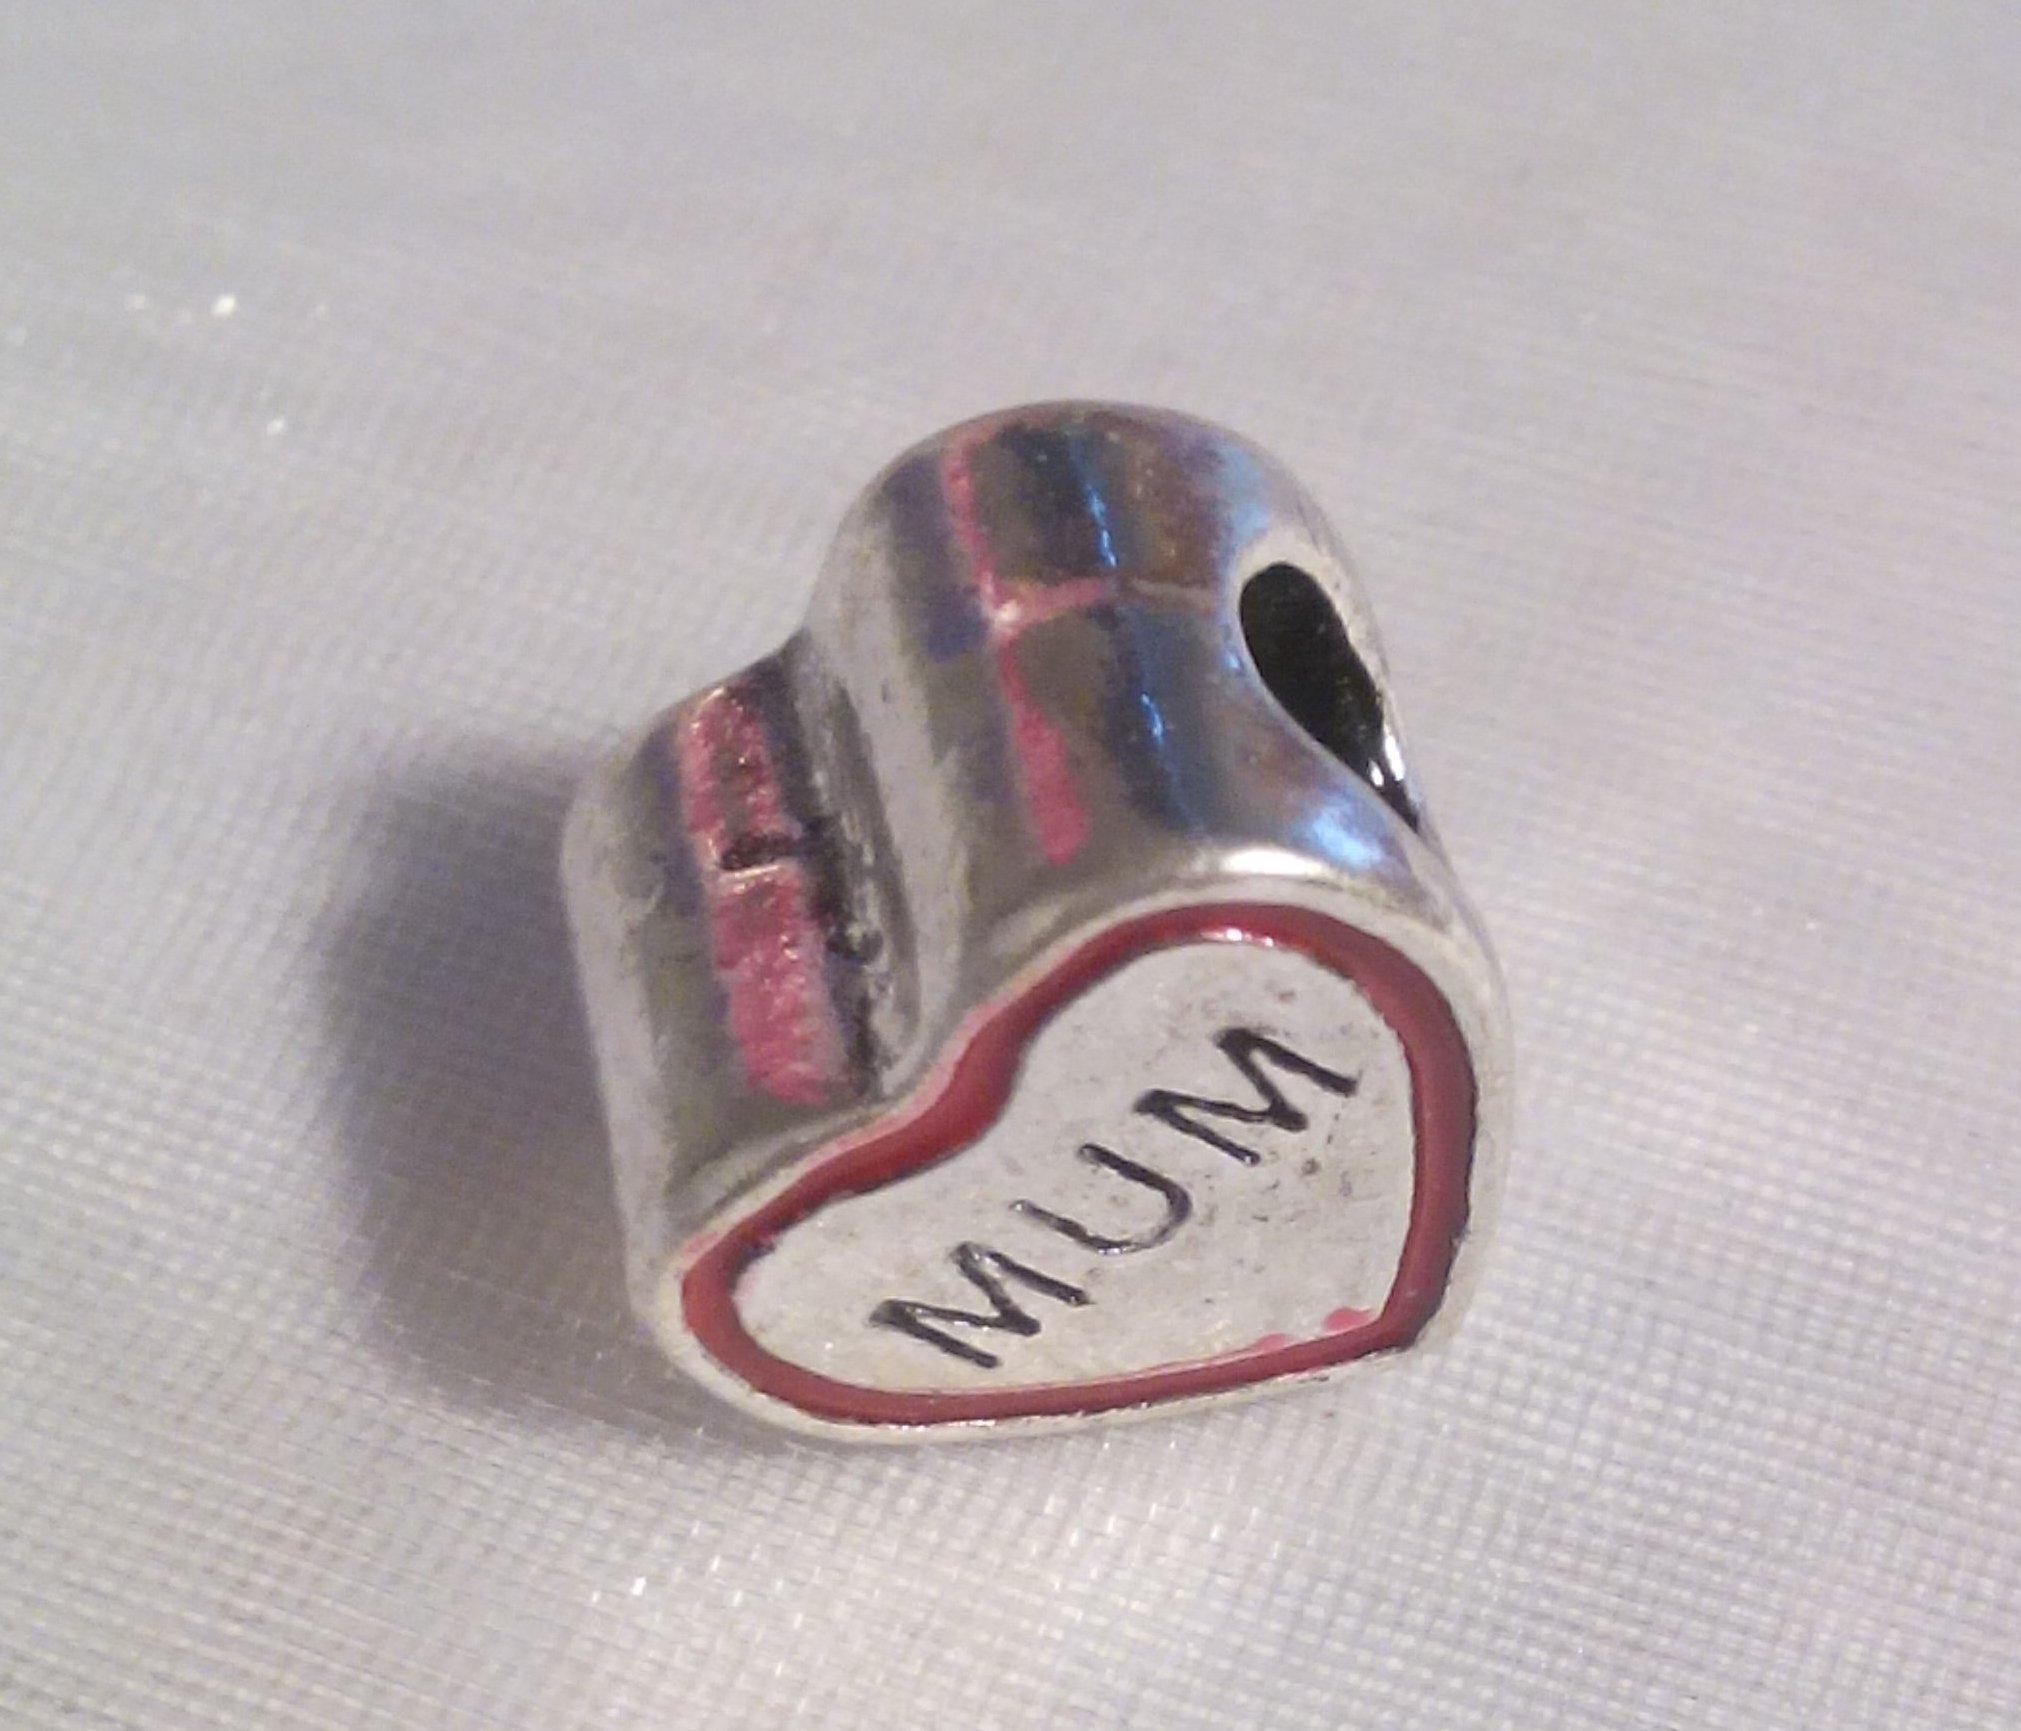 Ruby_Redsky @ruby_redsky Love #mum charms http://t.co/fDZbV6LMR6  http://t.co/wYSS0lbEBg